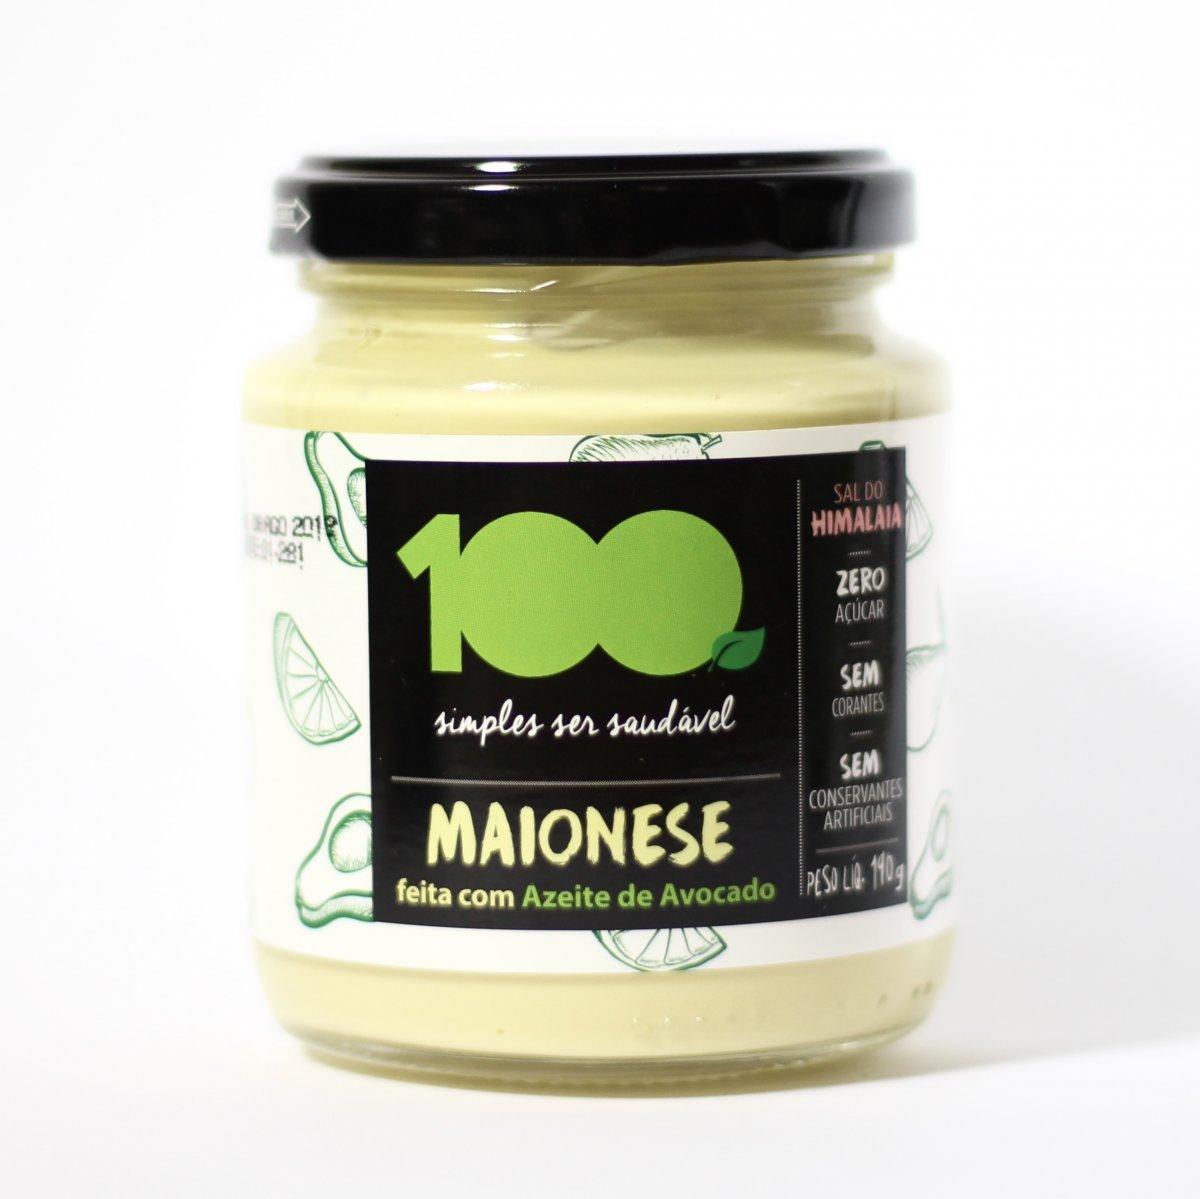 Maionese de Avocado 190g - 100 Foods